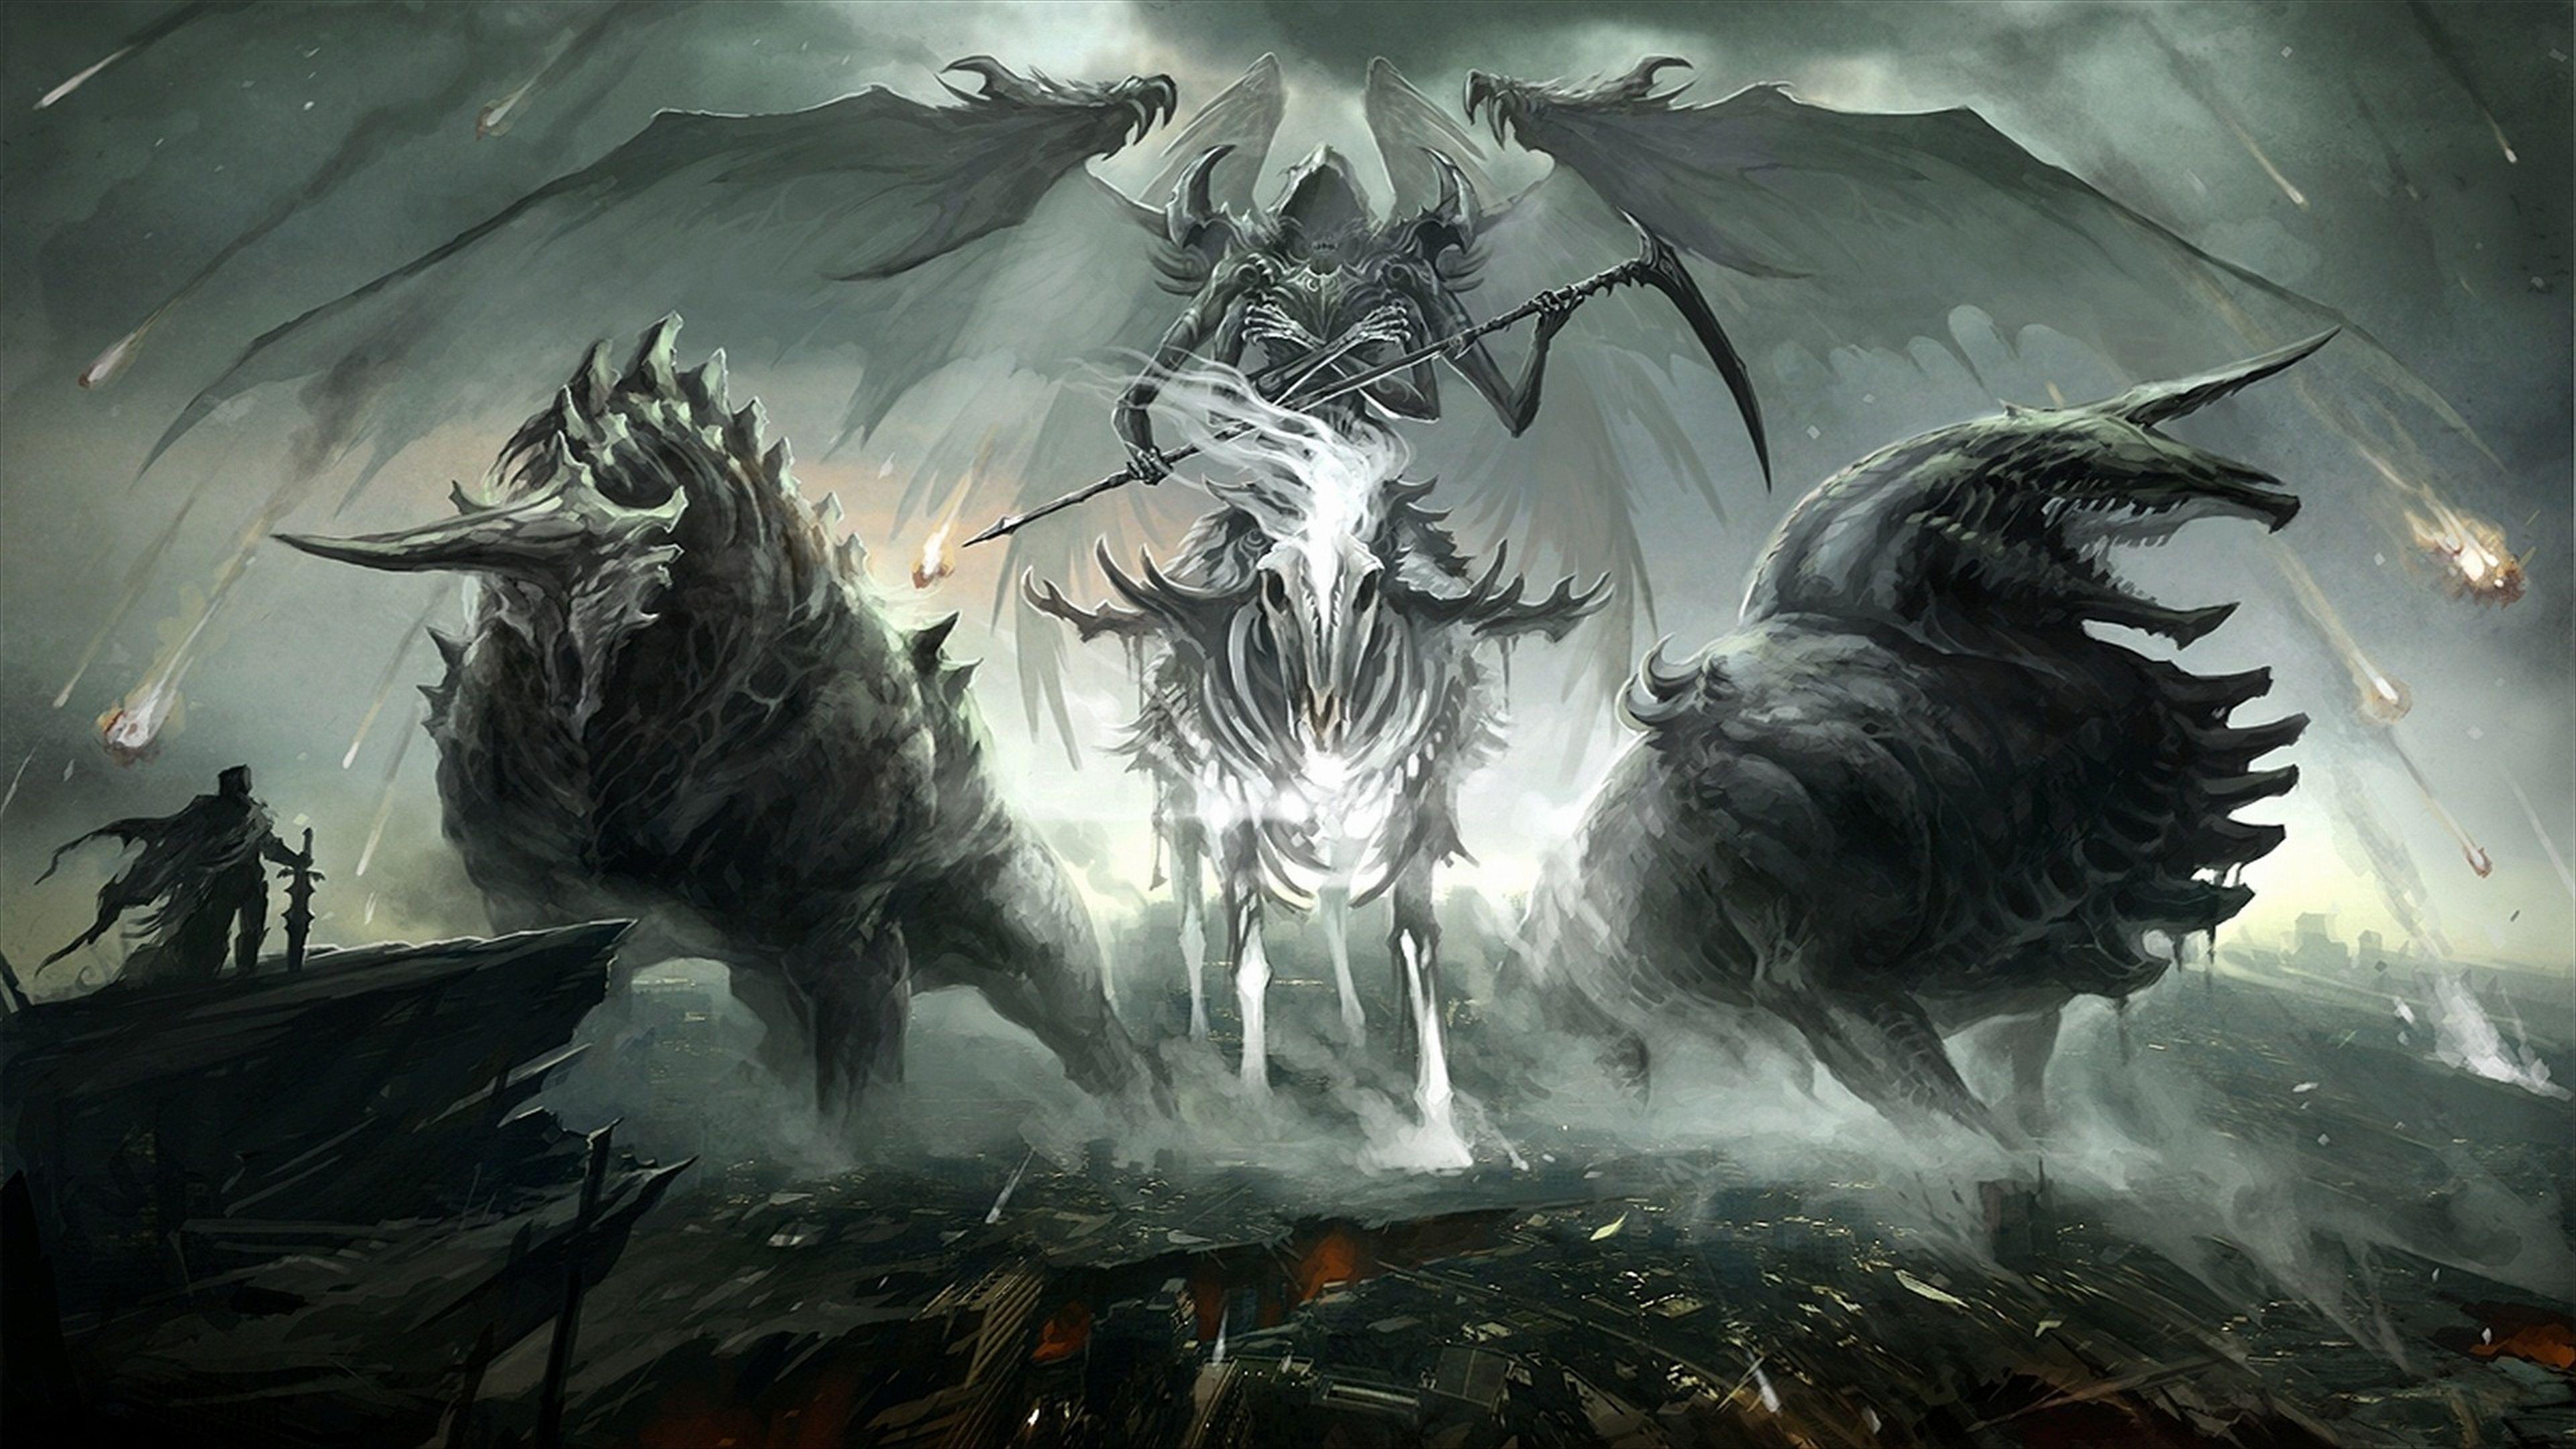 Dark Grim Reaper Skeleton Wings Knight Demon Wallpaper Dark Fantasy Fantasy Art Art